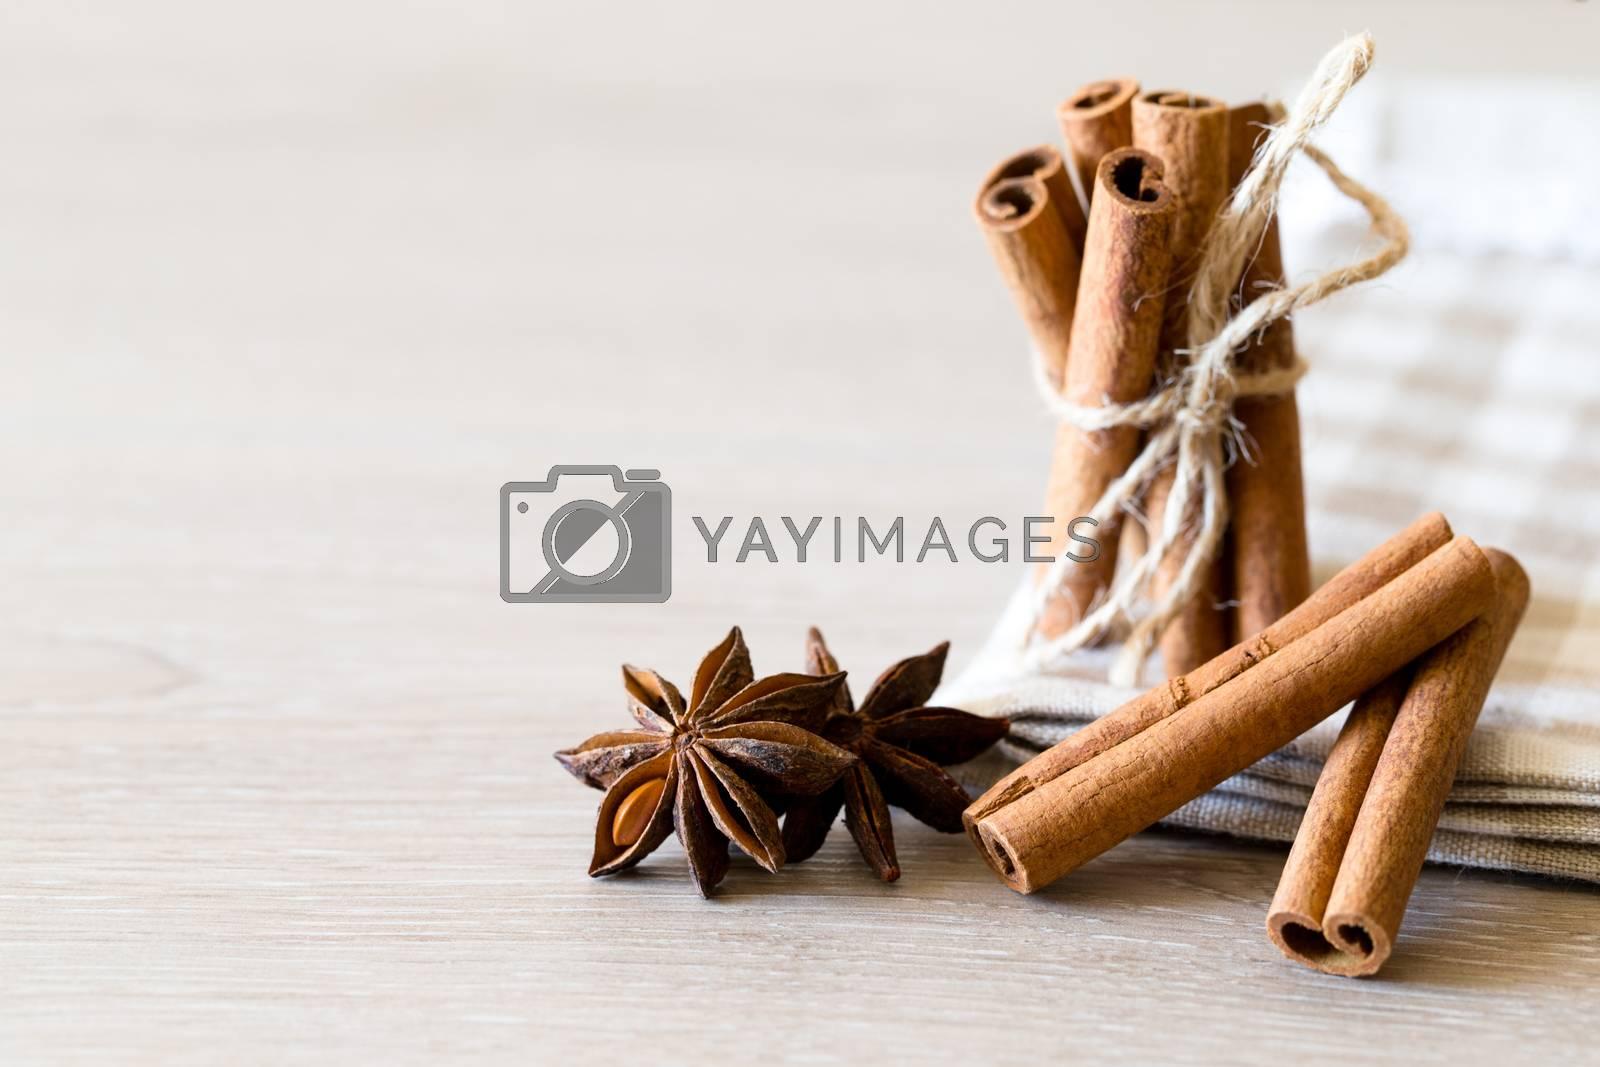 anise and cinnamon by Pakhnyushchyy